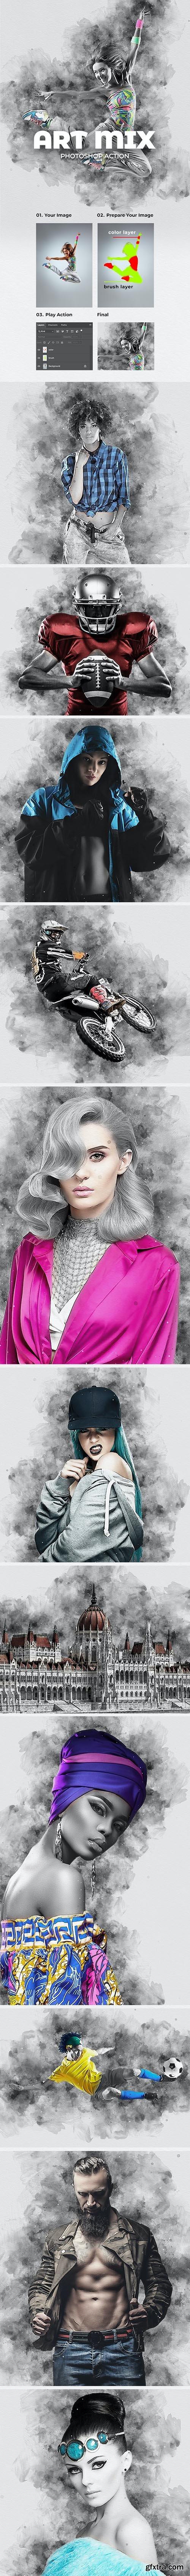 GraphicRiver - Art Mix Photoshop Action 28178955